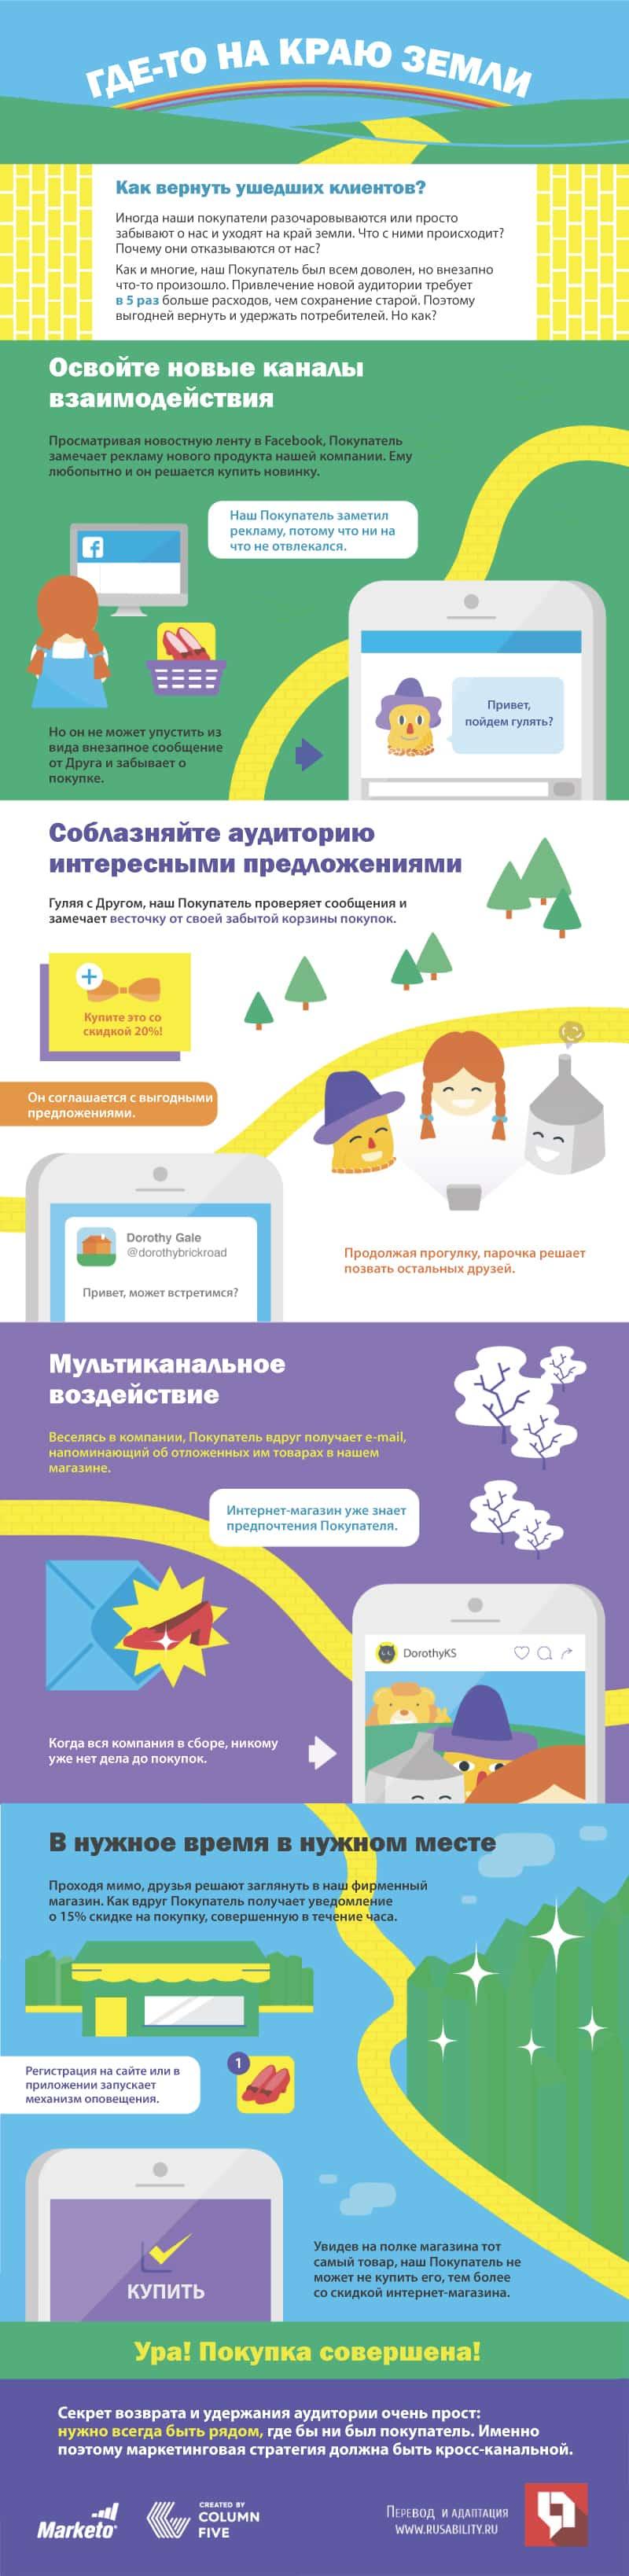 e-commerce, интернет-маркетинг, маркетинг, покупатели, инфографика, мультиканальное взаимодействие, стратегия, кросс-канальная стратегия, приложения, email-рассылка